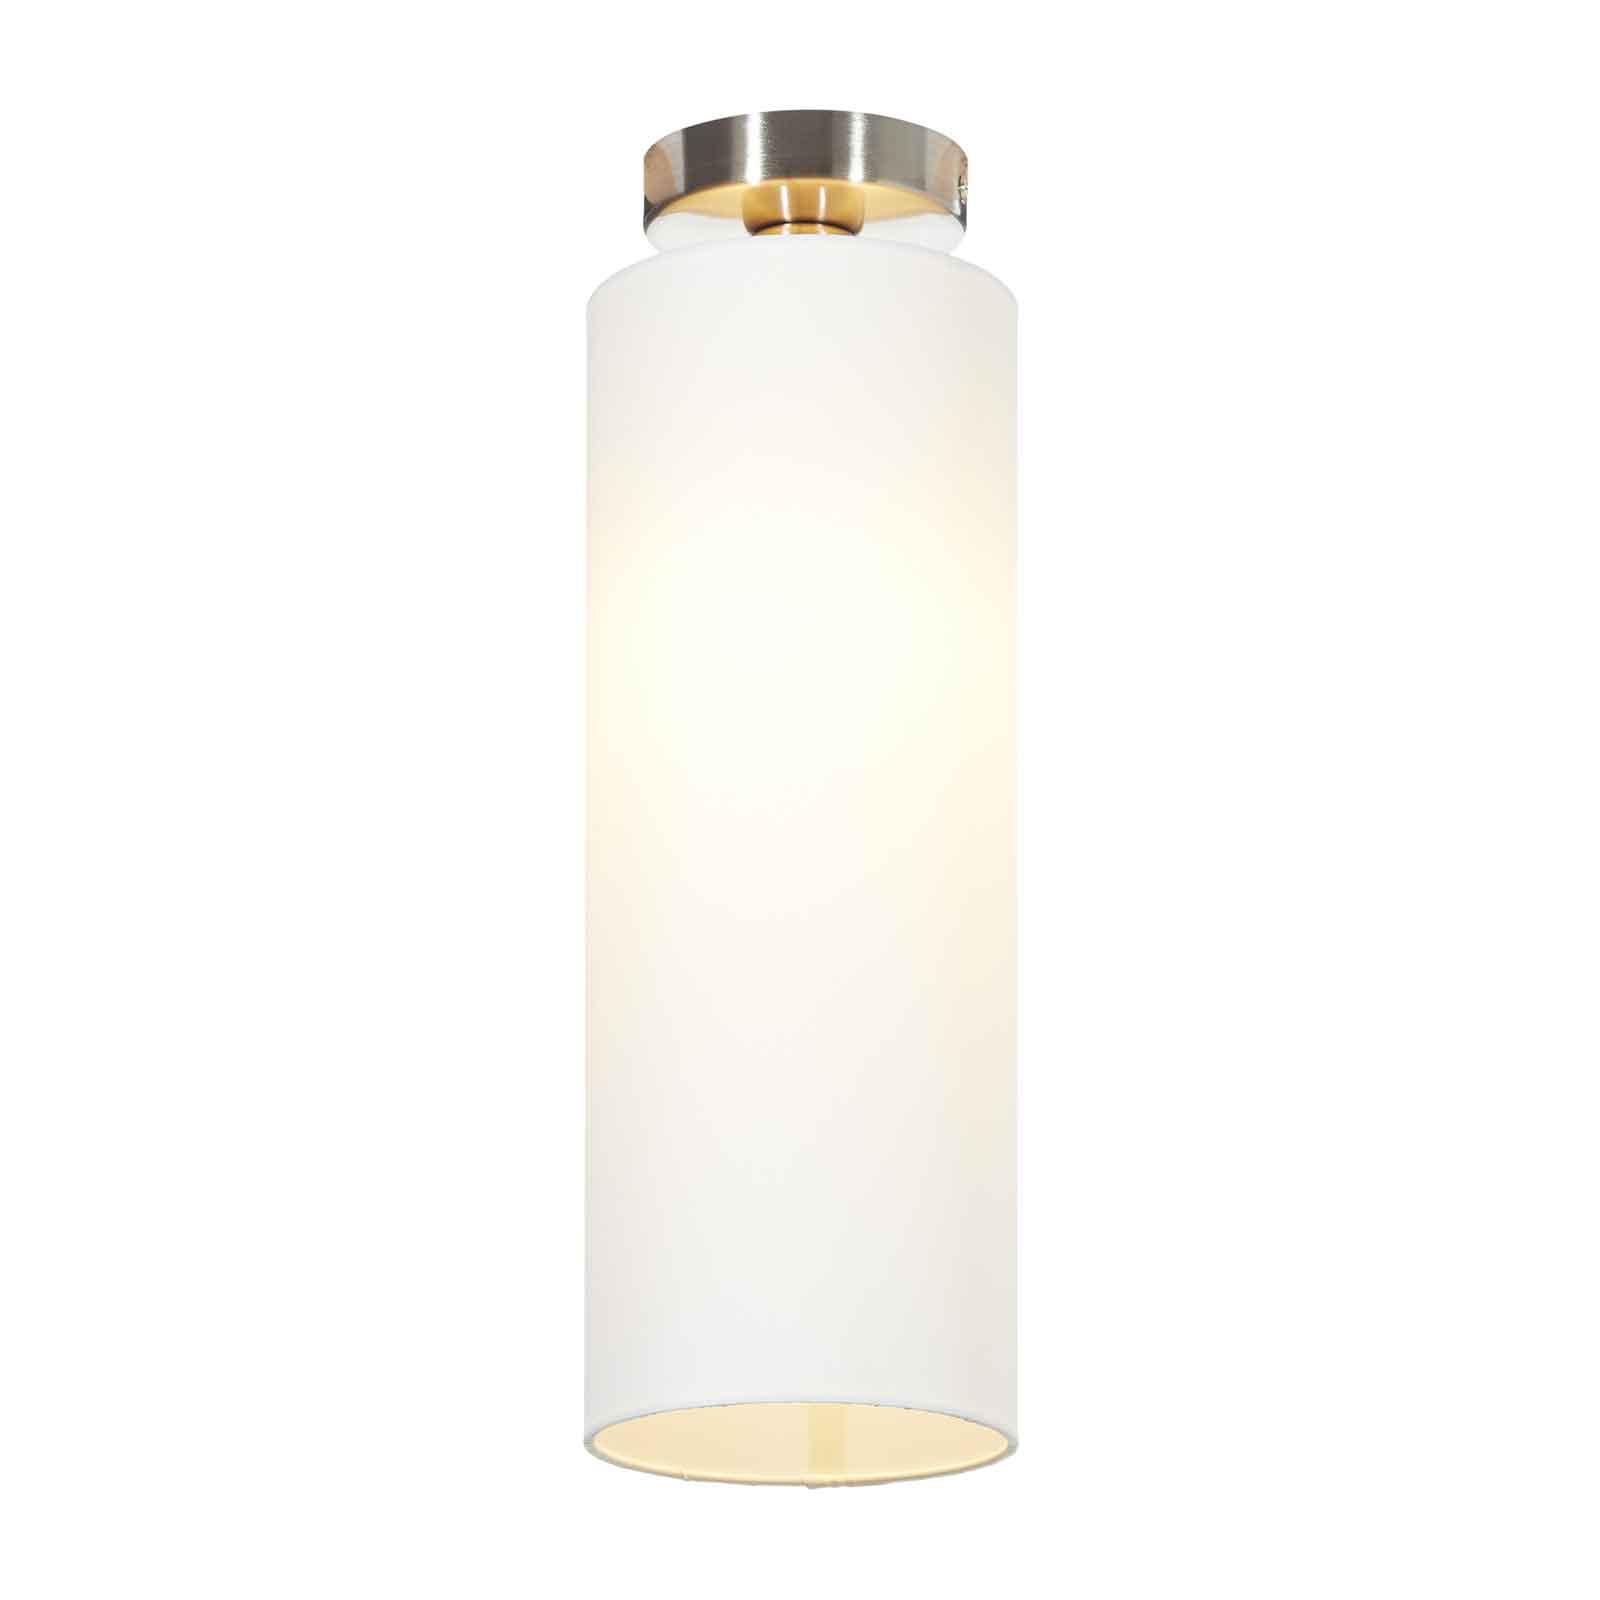 Lucande Patrik taklampe av tekstil Ø15cm hvit